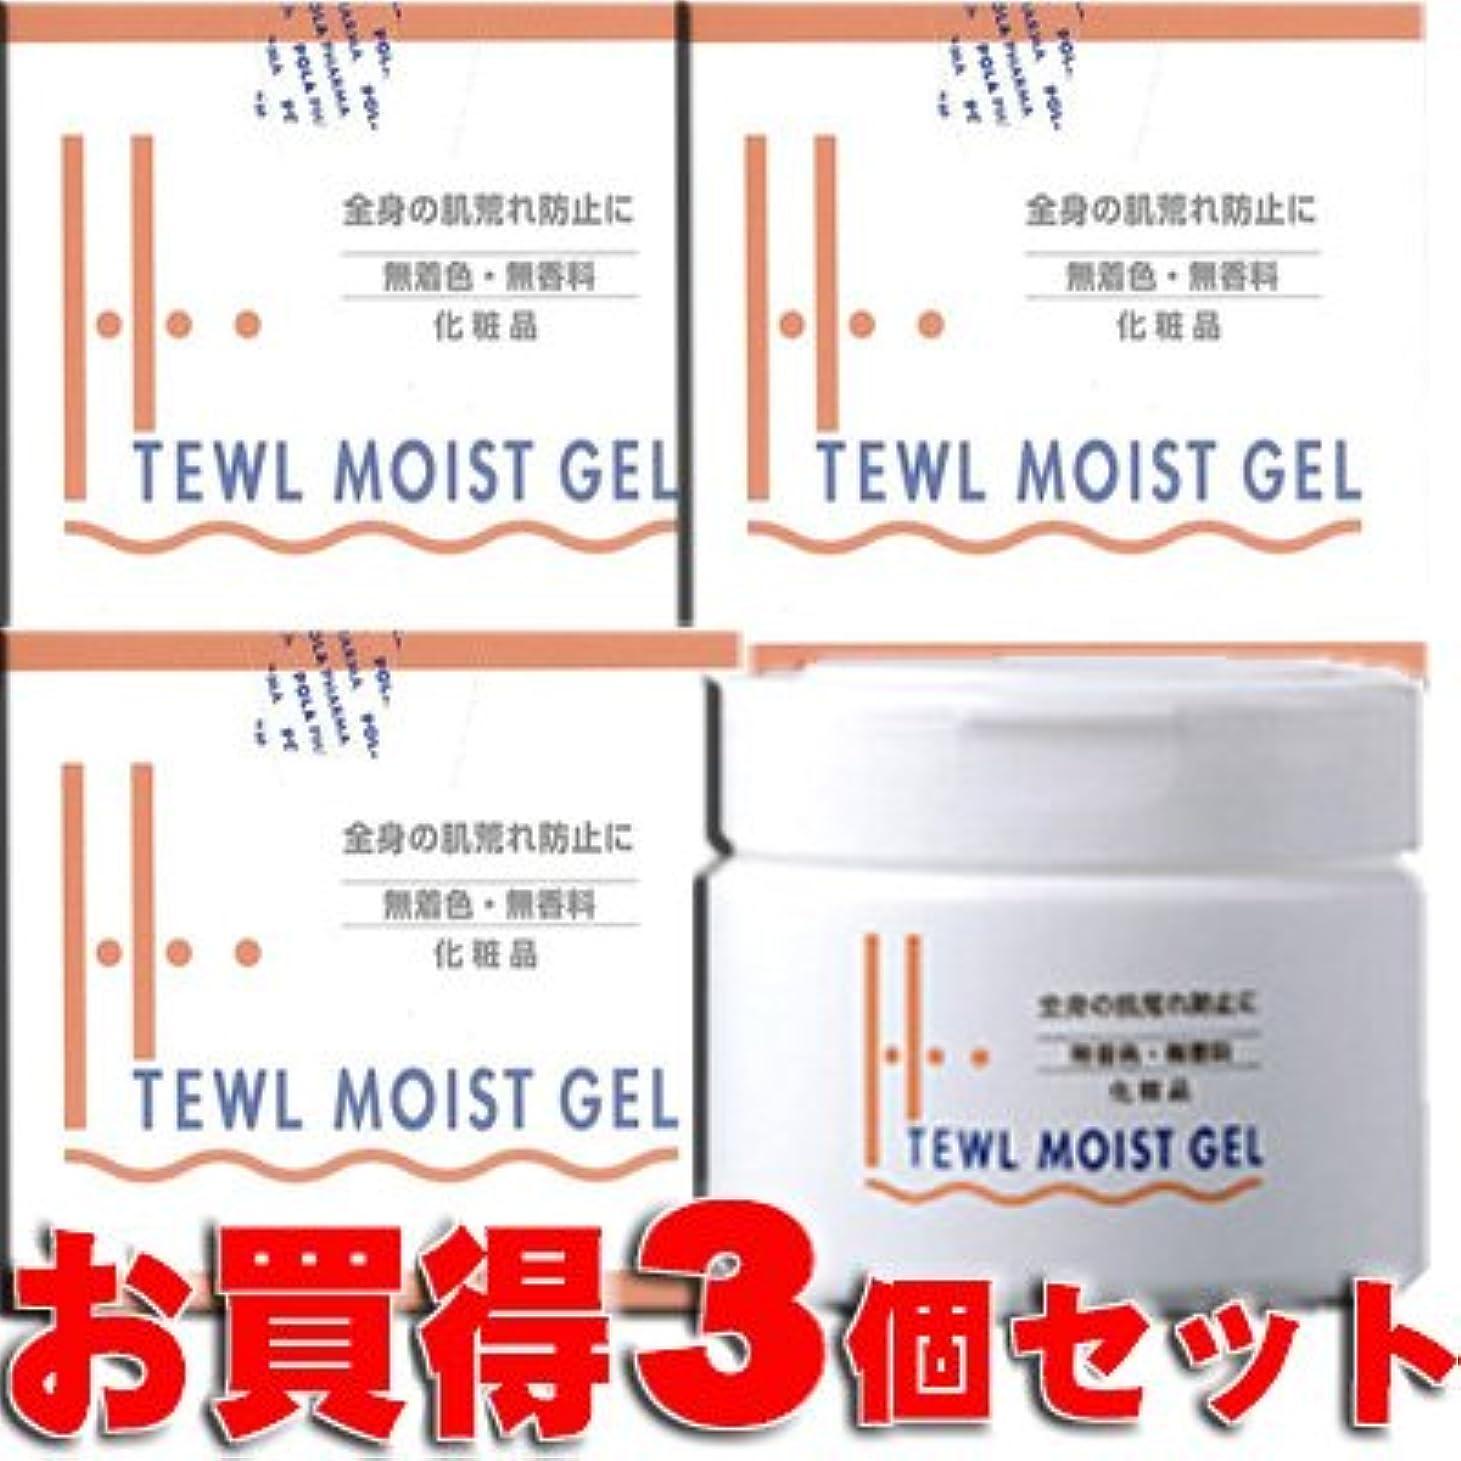 ライナー吸収遺跡★お買得3個★ ハイテウル モイストジェル 300gx3個 (ポーラファルマ)エタノールや界面活性剤に敏感な方へおすすめするゲルクリームです。